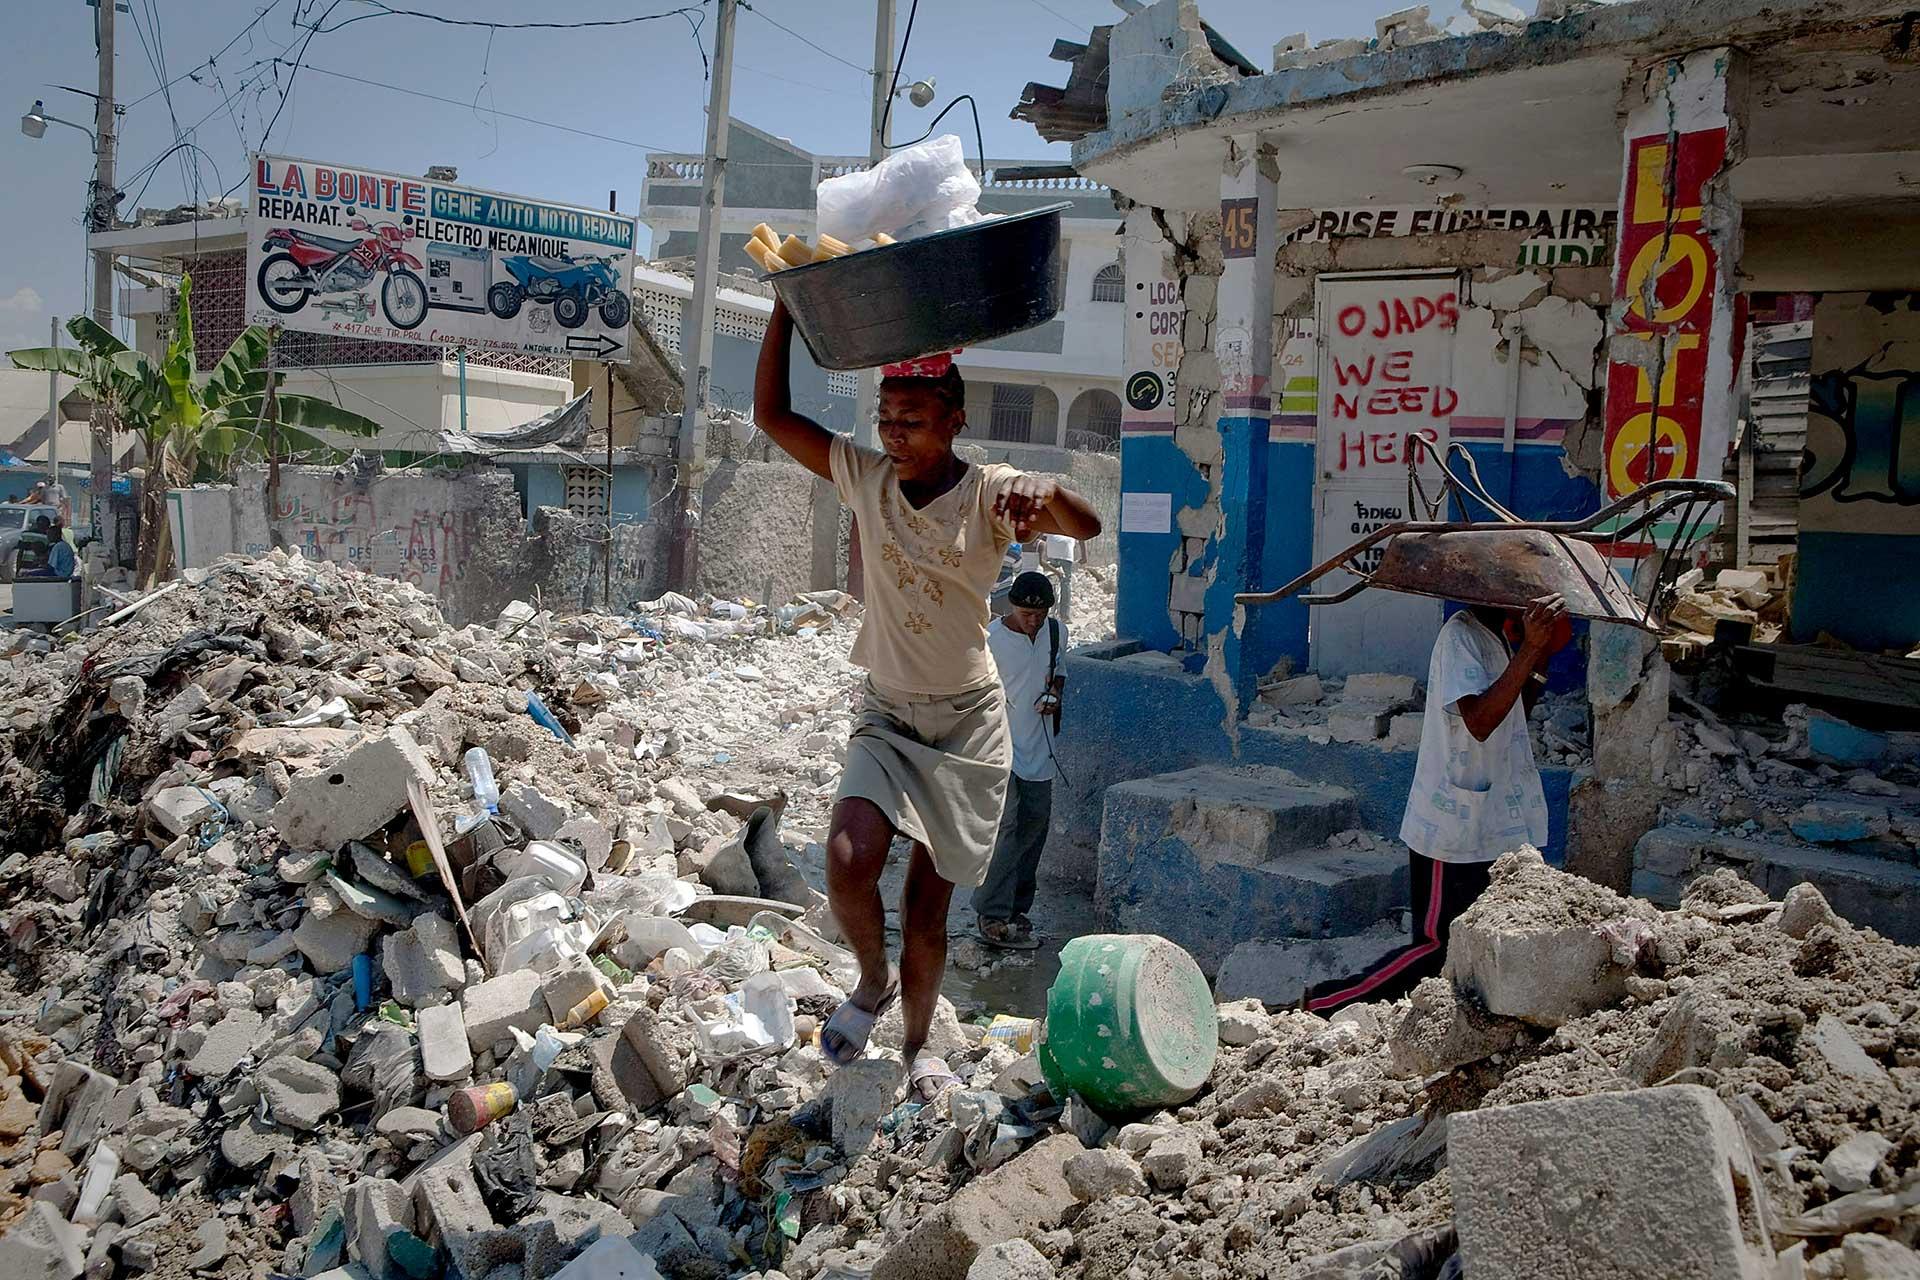 El terremoto de 2010 dejó más de 300.000 muertos en Haití